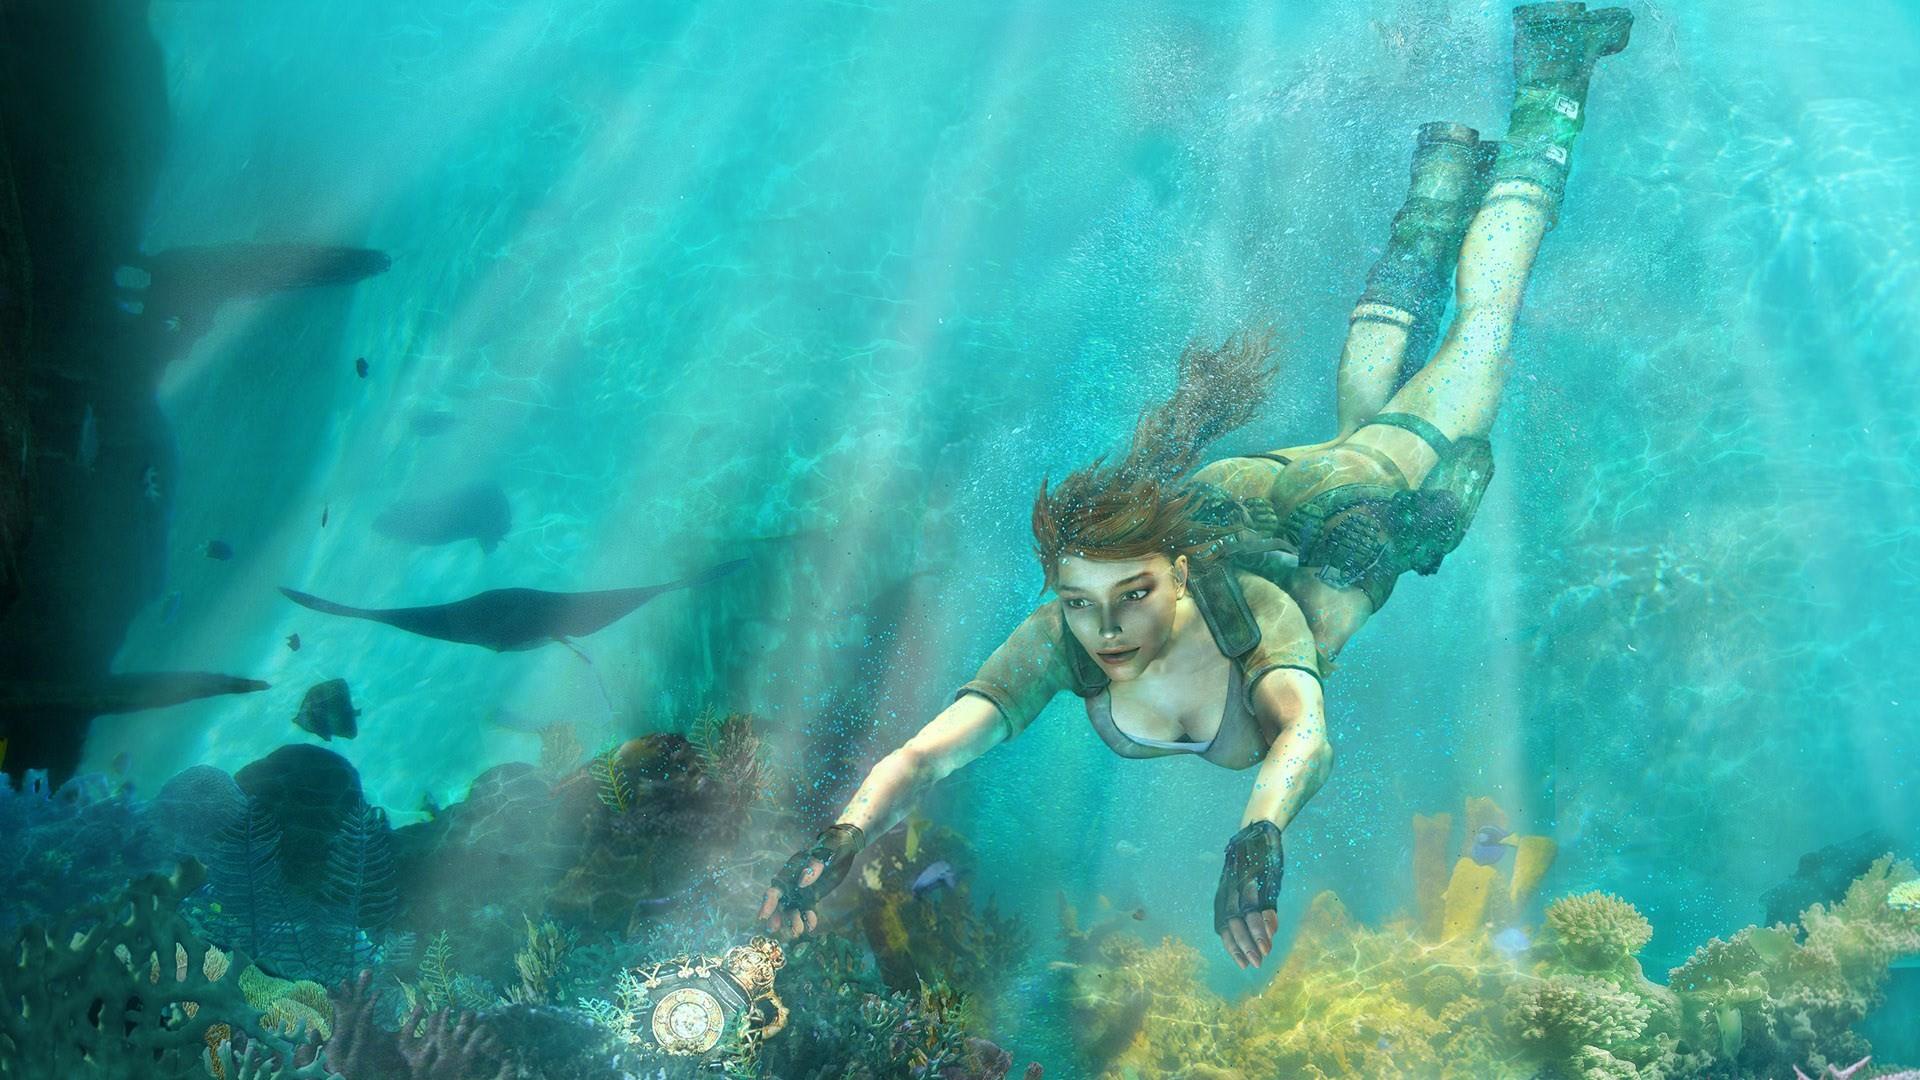 Underwater desktop wallpaper 49 images - Underwater wallpaper for pc ...